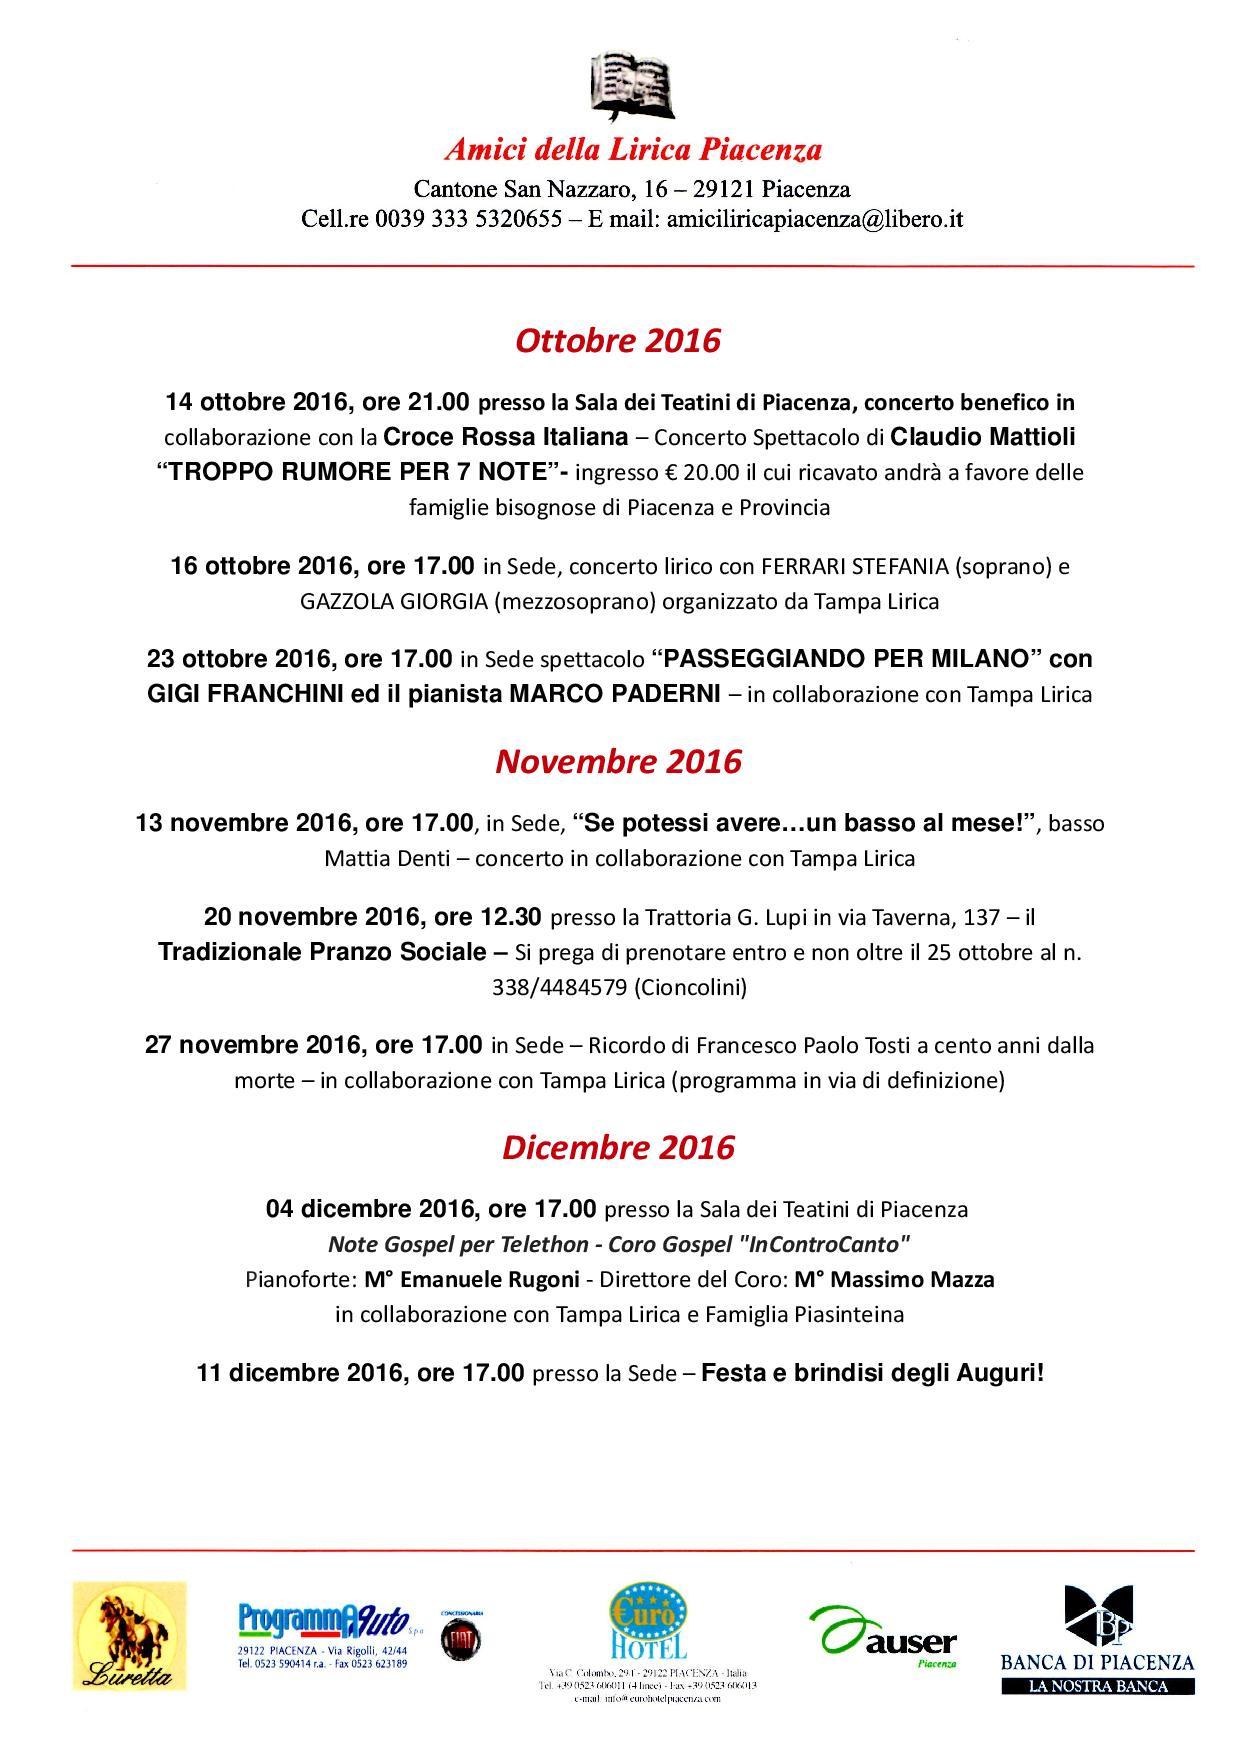 amici_lirica_programmazione-ottobre-dicembre-2016-page-001